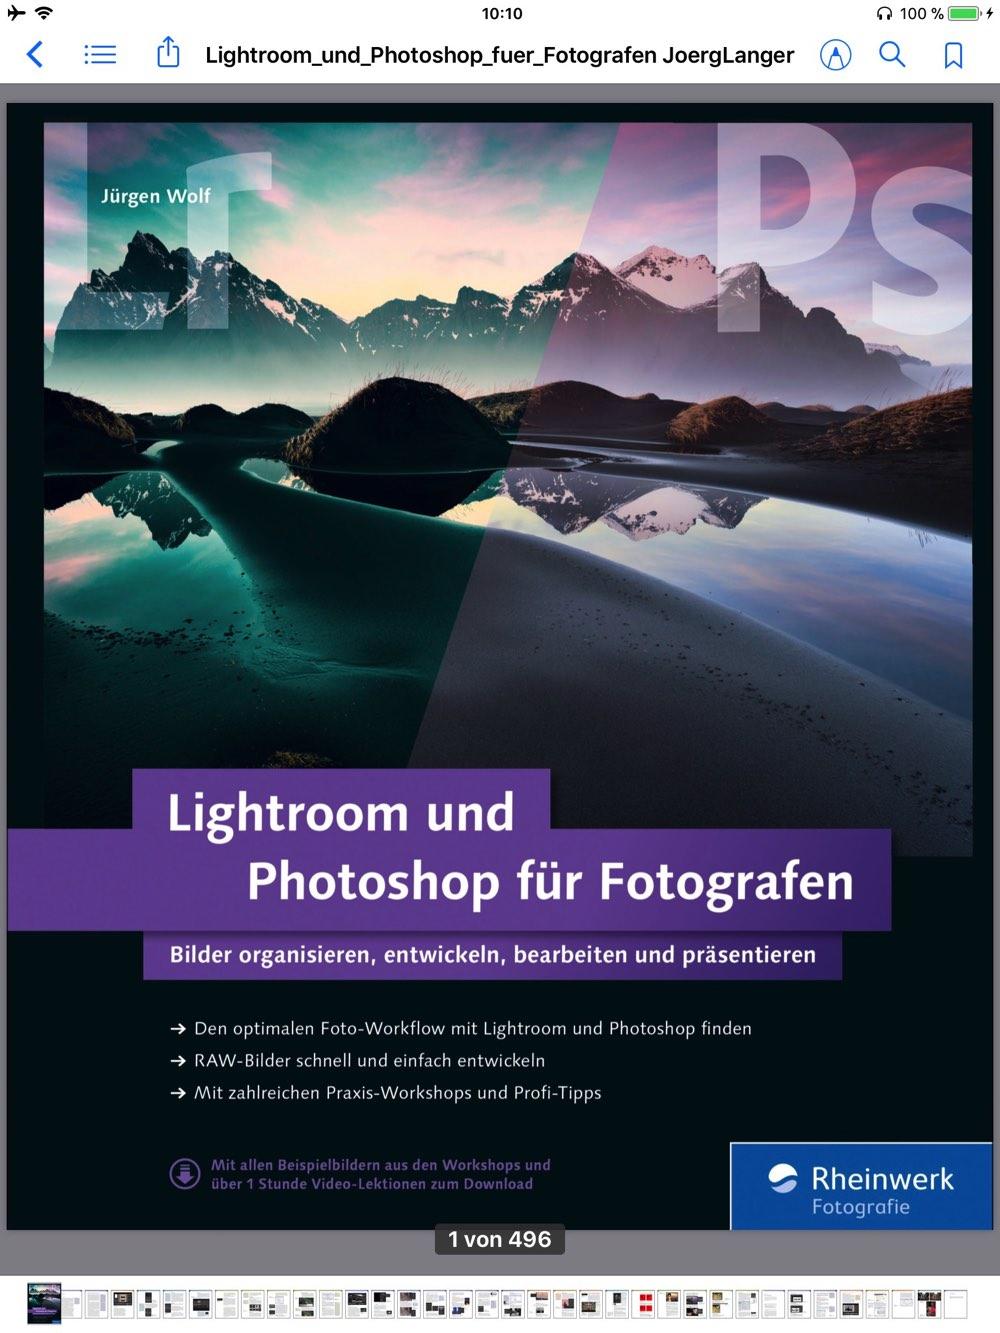 Lightroom und Photoshop für Fotografen – ein Buch über das Zusammenspiel der beiden Programme